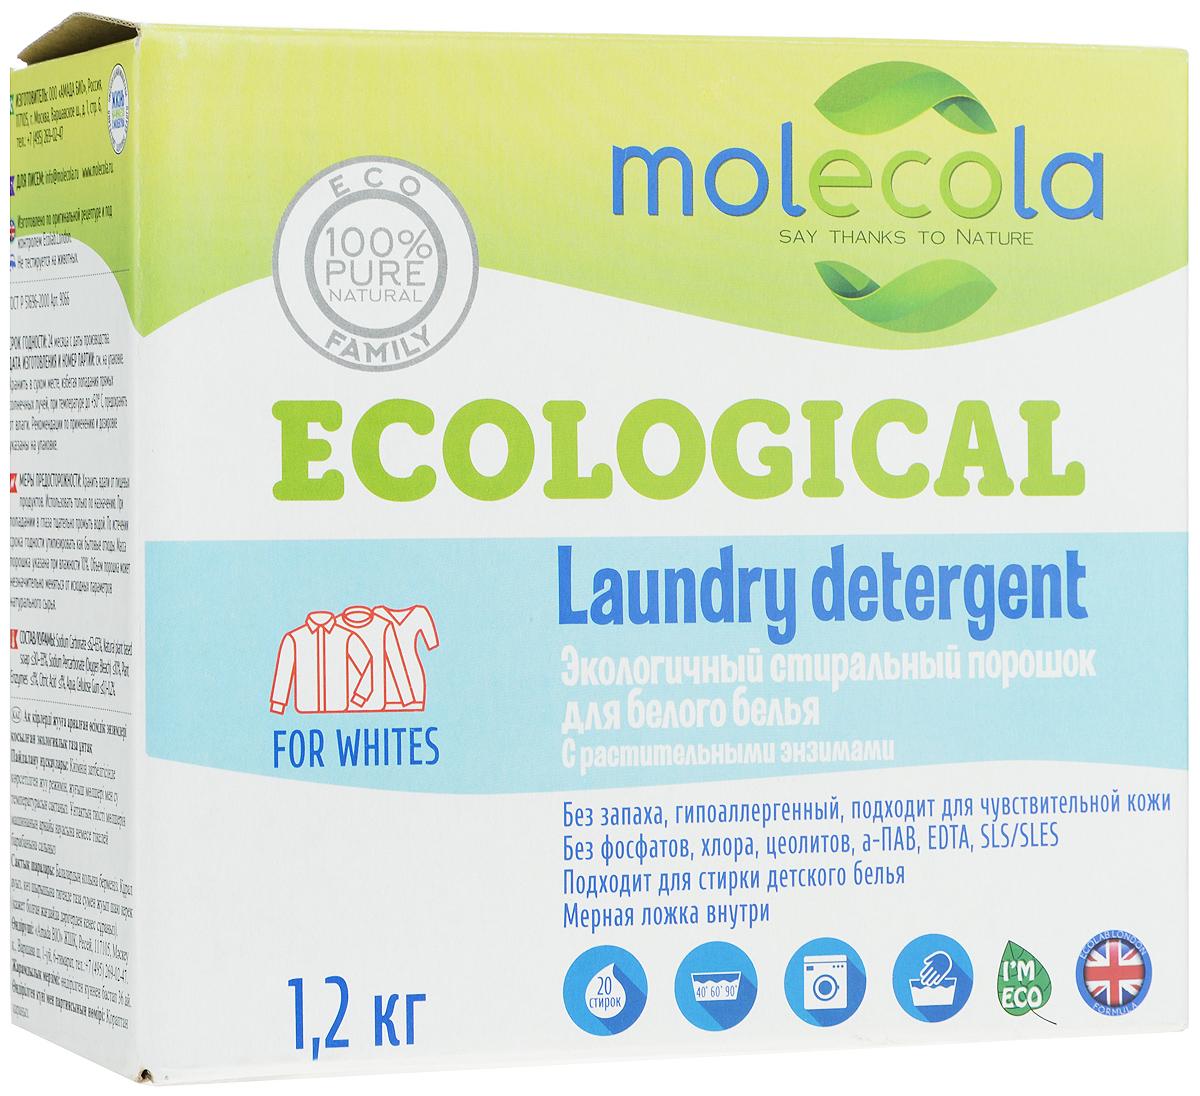 Стиральный порошок Molecola, для белого белья, с растительными энзимами, 1,2 кг106-026Экологичный стиральный порошок Molecola эффективно удаляет загрязнения, не повреждая волокна ткани. Высокая концентрация натурального мыла обеспечивает эффективную стирку и экономию средства. Порошок рекомендован для стирки детского белья и одежды беременных и кормящих женщин, а так же людей, имеющих аллергическую реакцию на средства бытовой химии. Средство защищает от накипи, не наносит вреда окружающей среде, полностью биоразлагаемо. Не содержит оптического отбеливателя, фосфатов, хлора, цеолитов, а-ПАВ, EDTA, SLS/SLES, искусственных красителей и синтетических ароматизаторов. Подходит для стиральных машин любого типа и ручной стирки. Предназначен для стирки хлопчатобумажных, льняных тканей, изделий из вискозы и искусственных волокон. Рекомендуемая температура стирки не менее +40°С.Внутри коробки находится мерная ложка.Состав: Sodium Carbonate =Товар сертифицирован.Уважаемые клиенты! Обращаем ваше внимание на возможные изменения в дизайне упаковки. Качественные характеристики товара остаются неизменными. Поставка осуществляется в зависимости от наличия на складе.